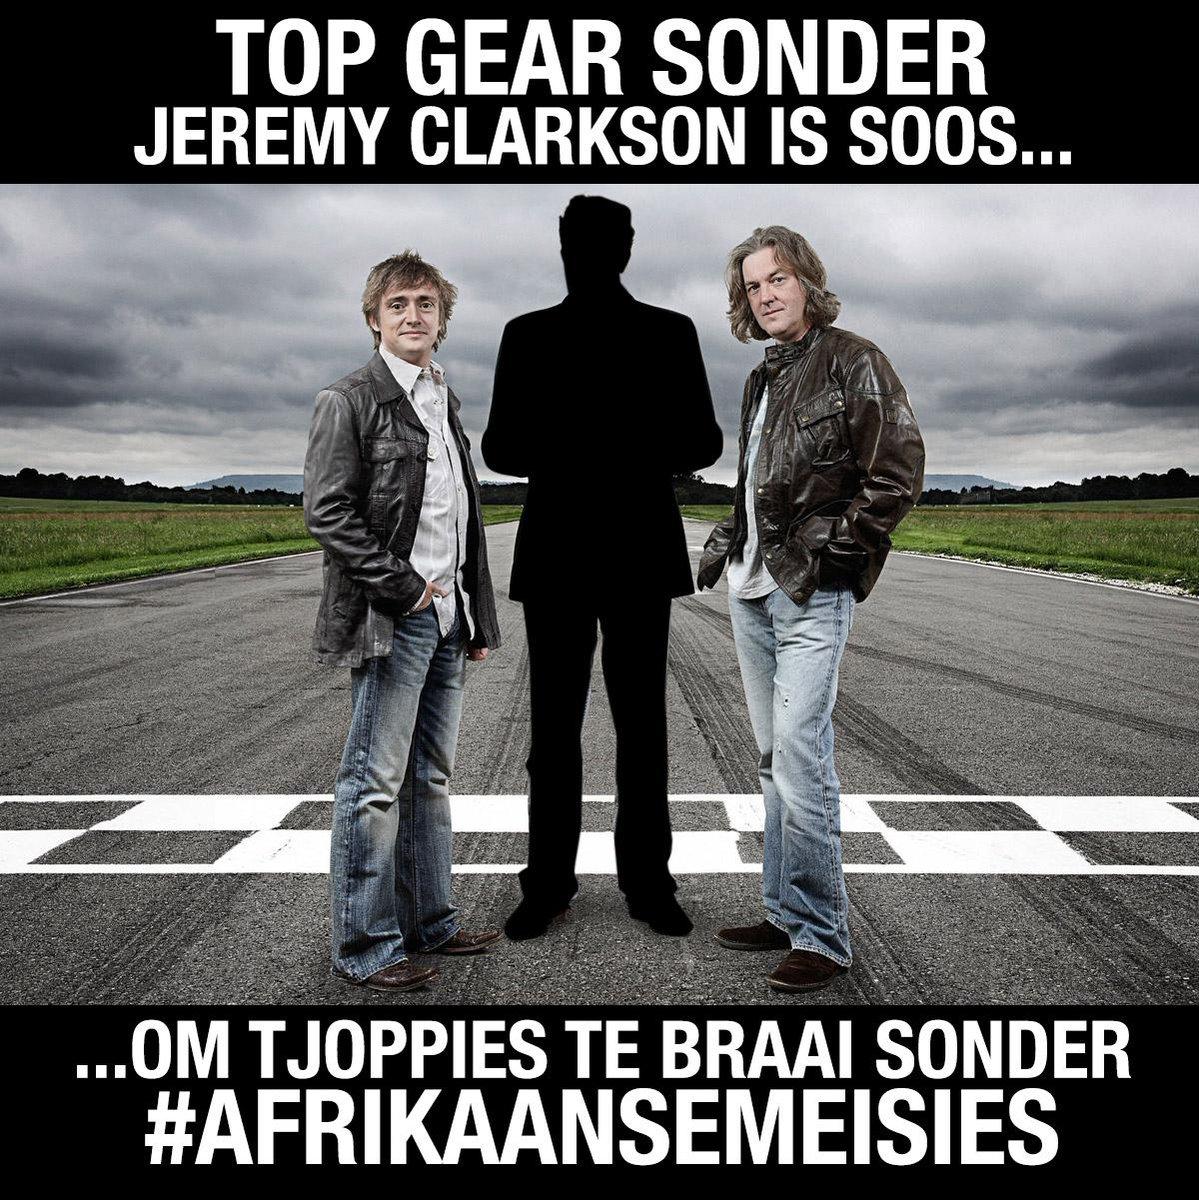 @GSGerhardSteyn #BringBackClarkson #AfrikaanseMeisies #BBC @JeremyClarkson @TopGearOnline  http://t.co/wrcIaQNsyw http://t.co/W7RY6zSqGN